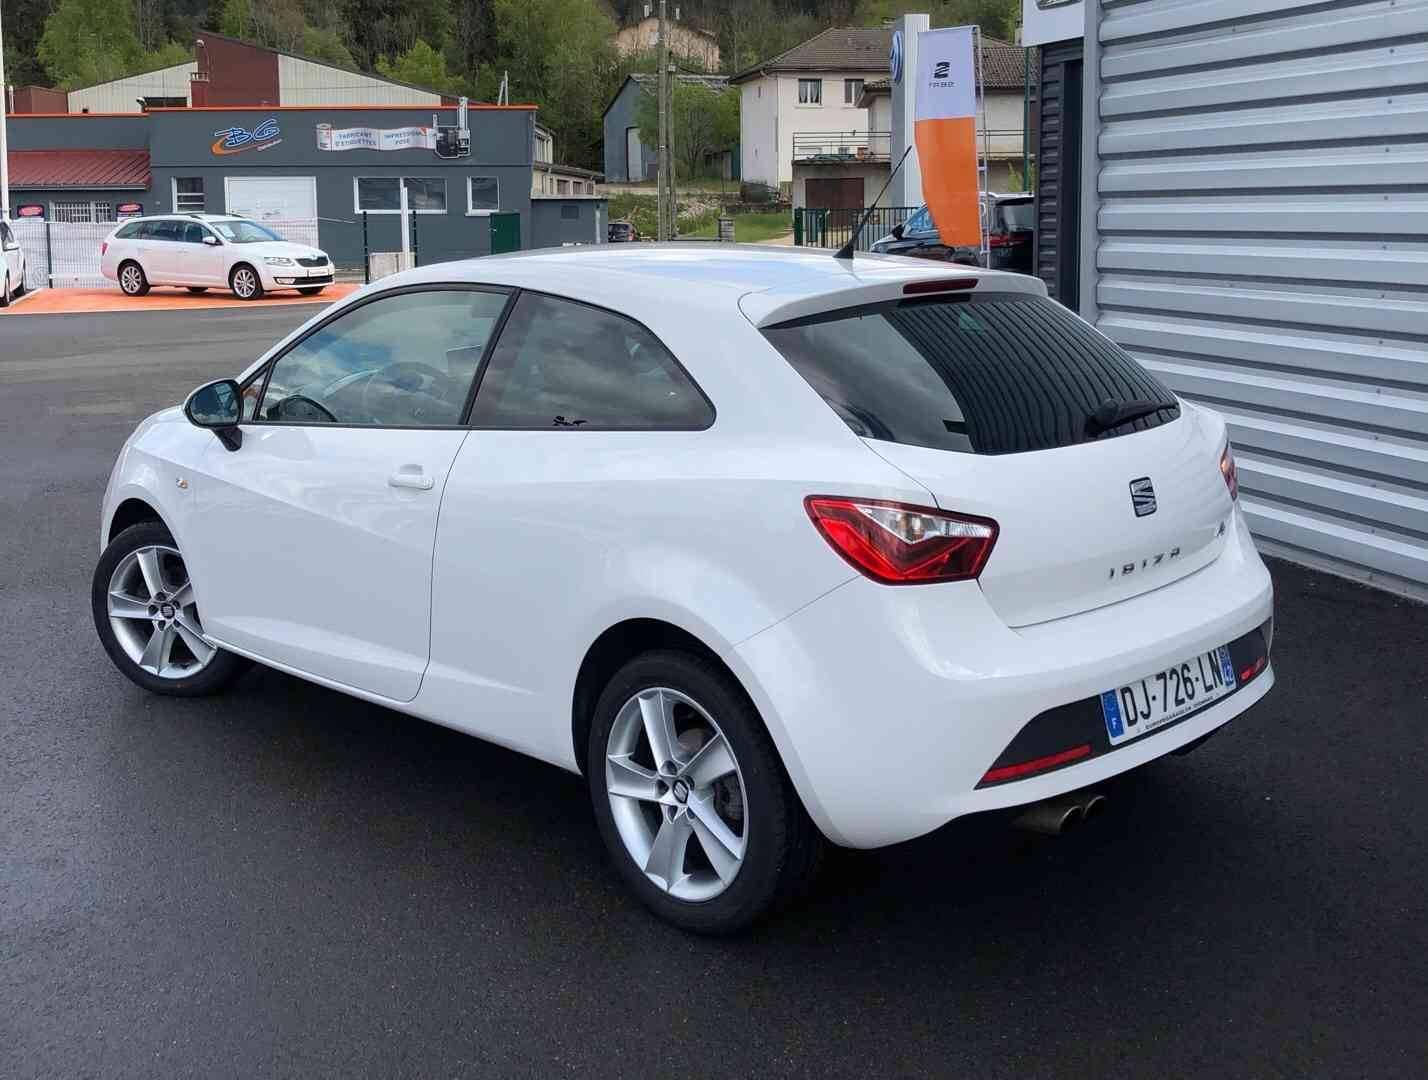 2 - Ibiza 1.2 TSI 105 ch